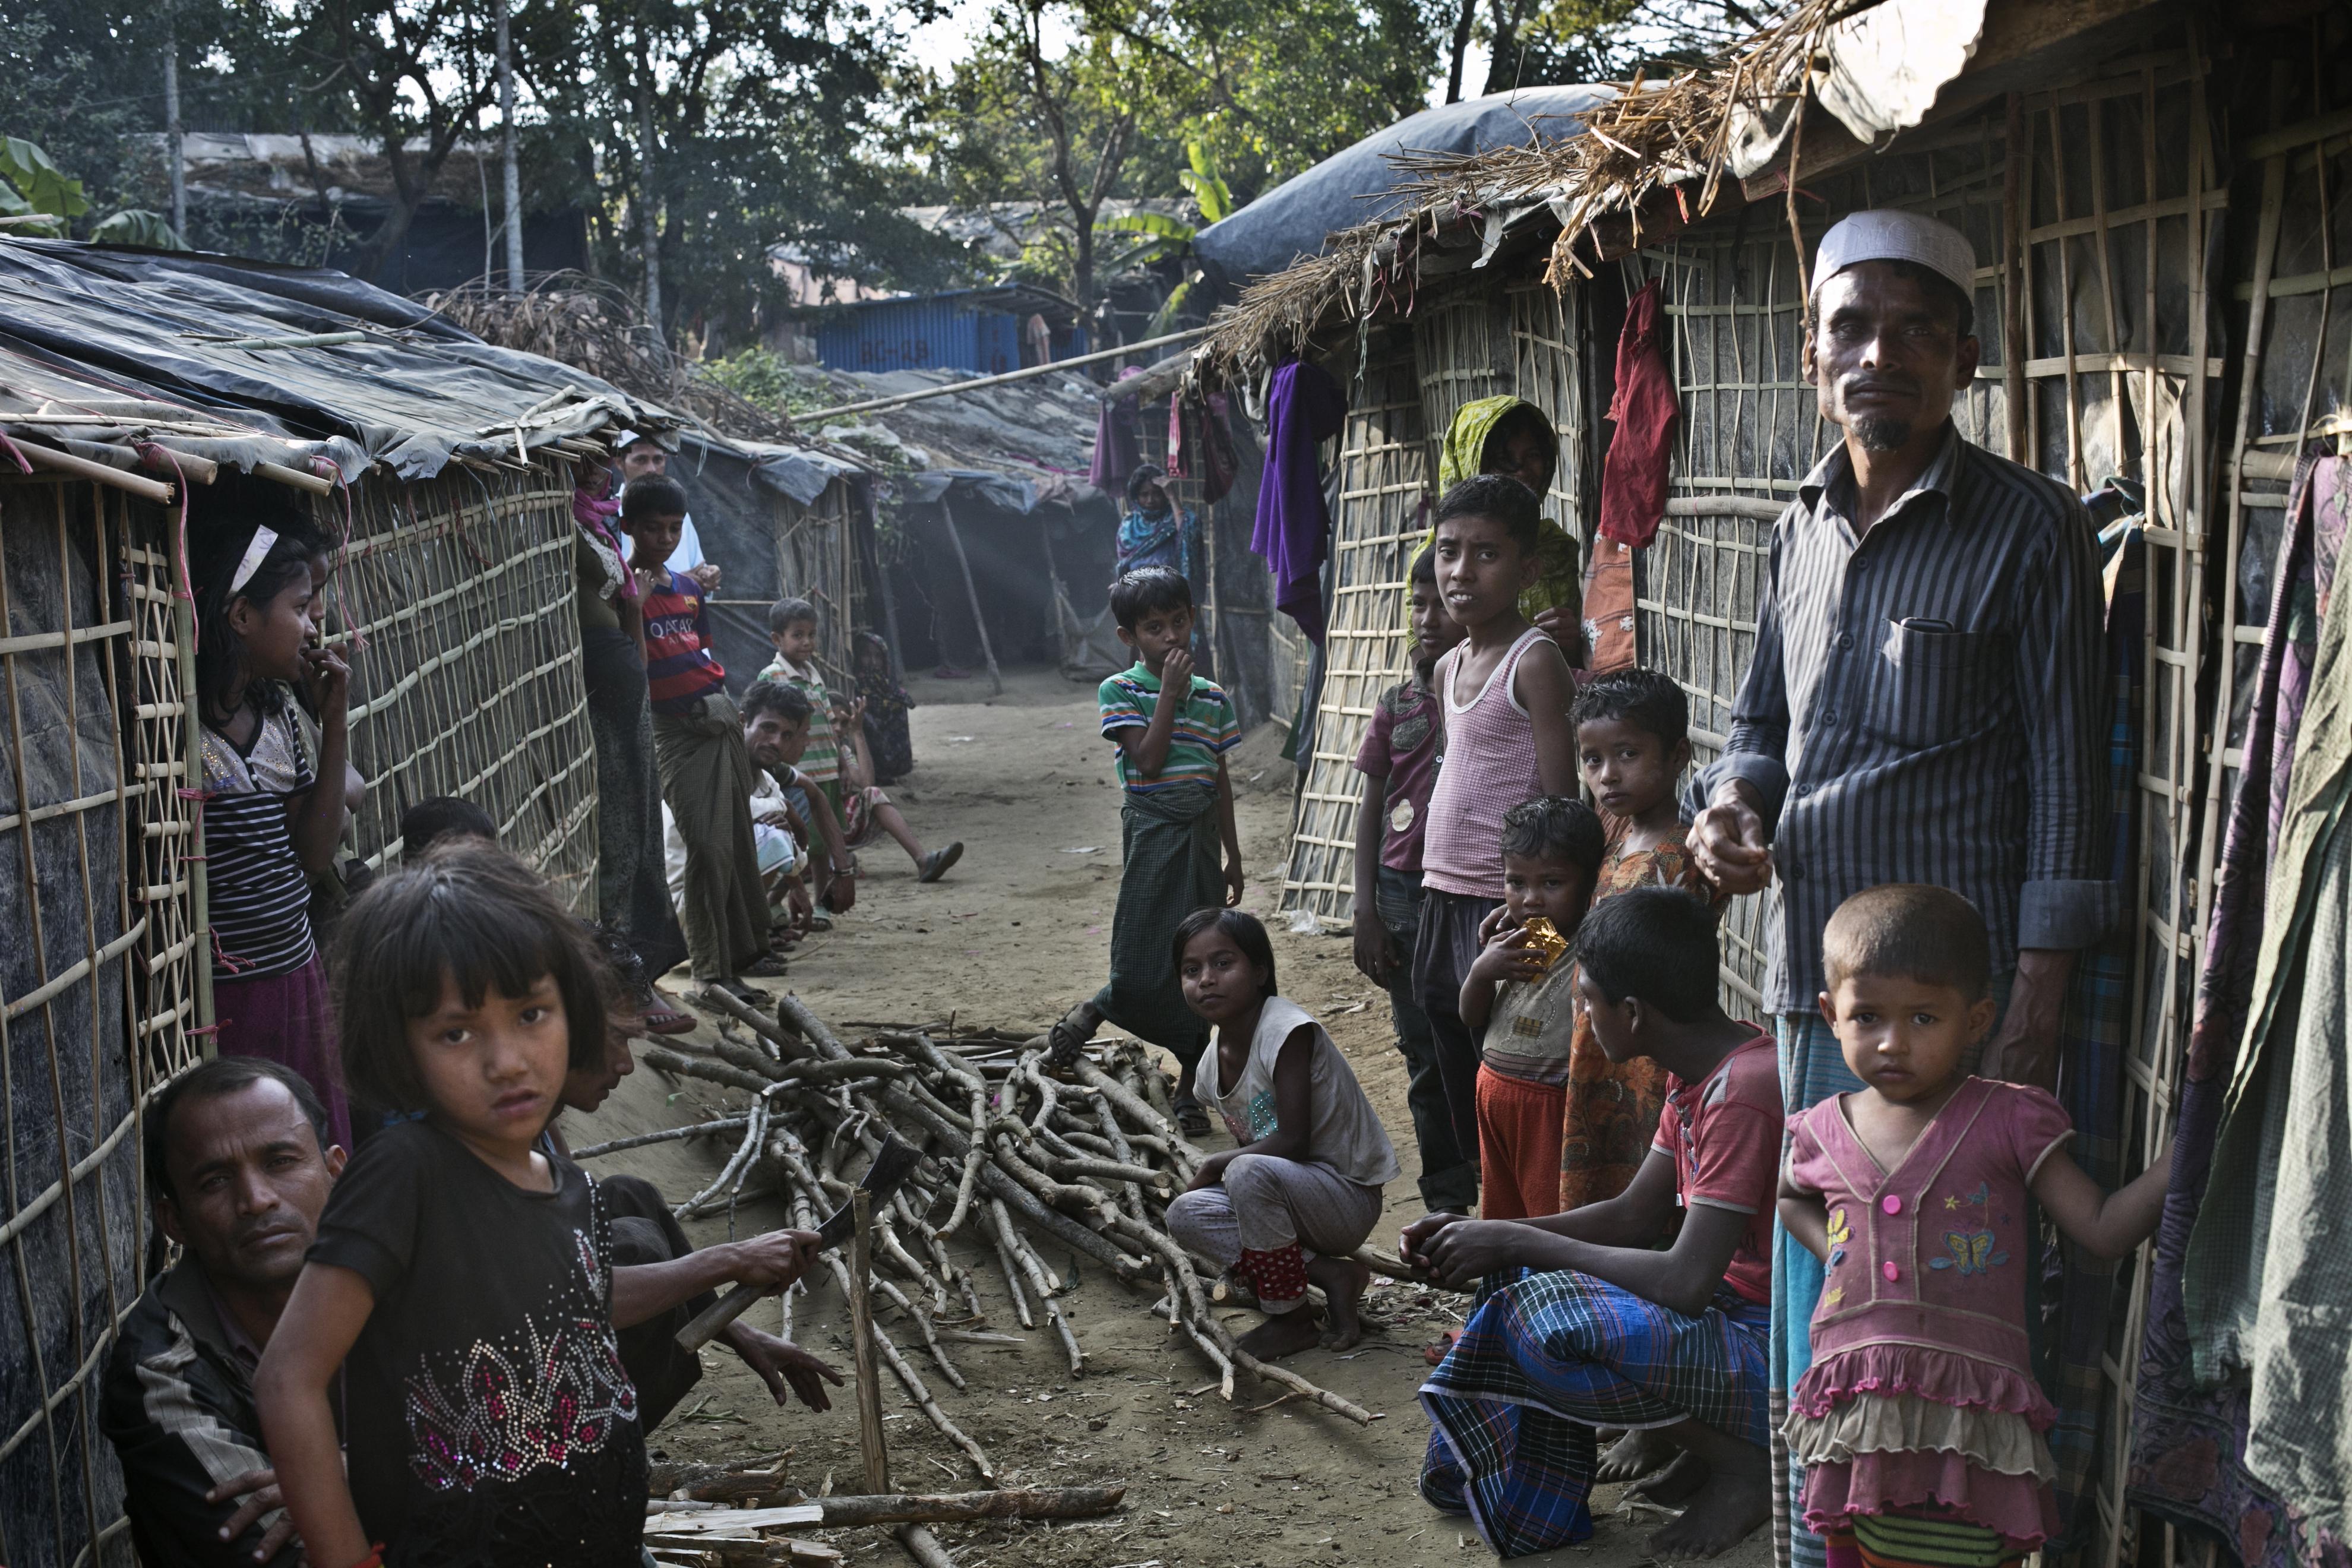 Rohingya refugees at Kutapalong camp in Cox's Bazar, Bangladesh, on Jan. 20, 2017